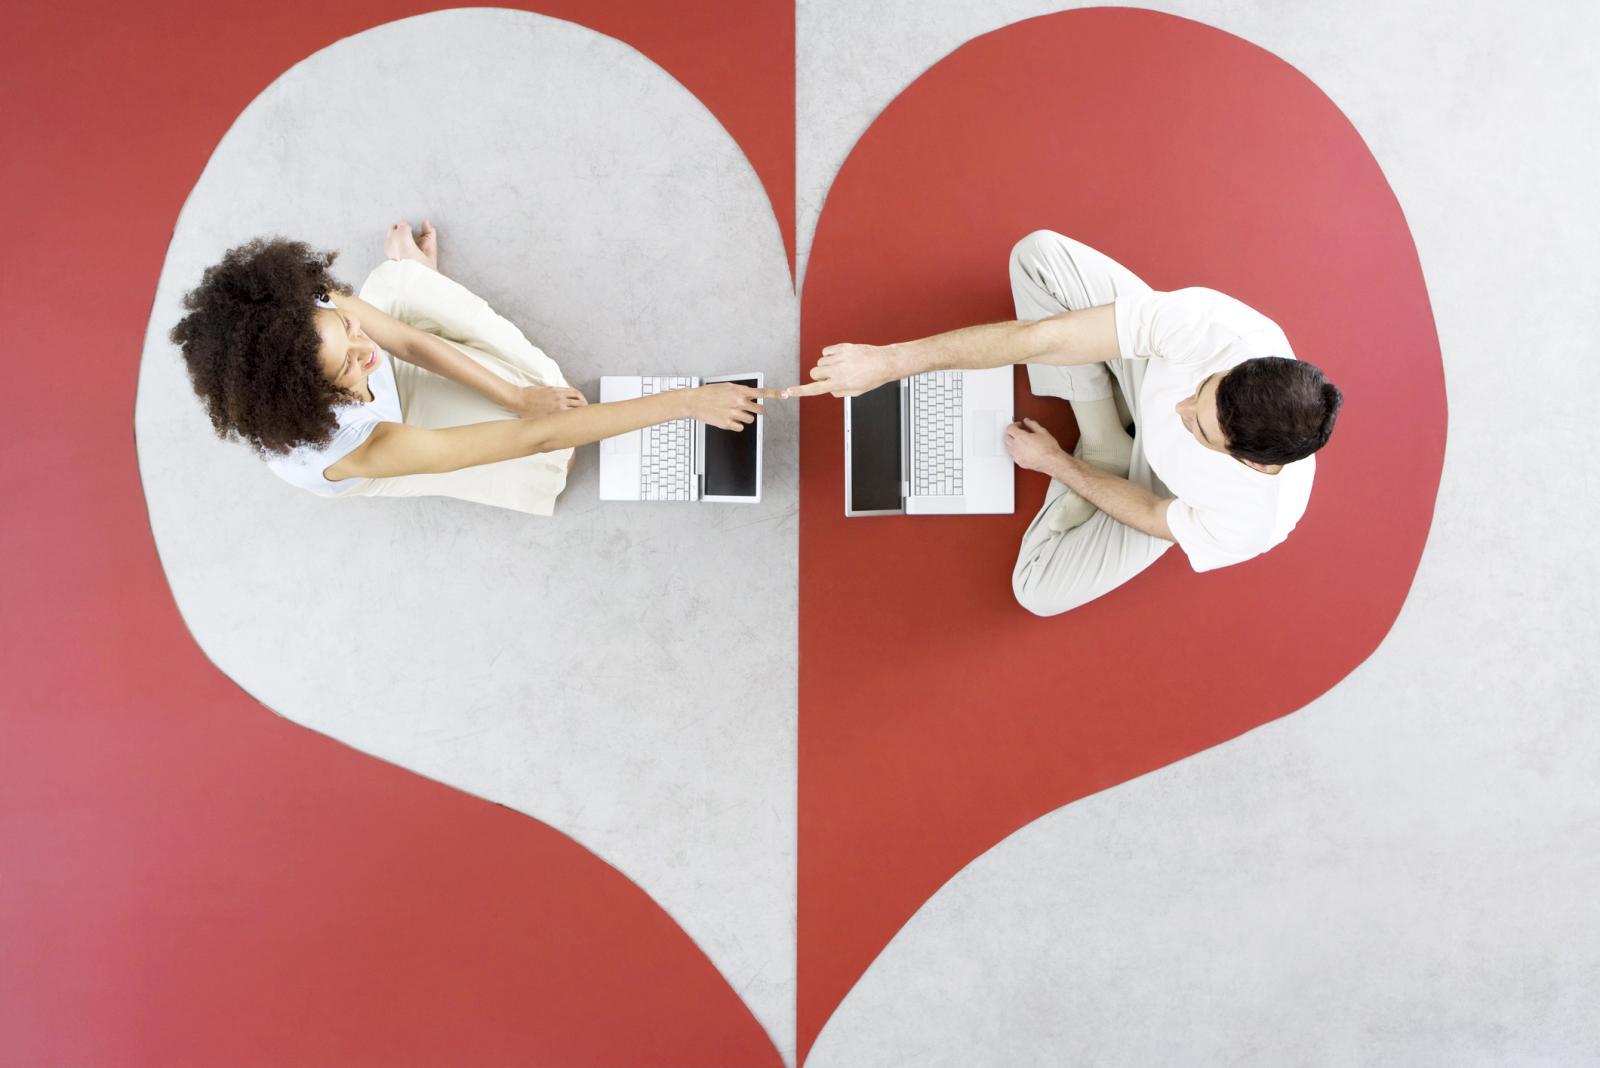 Pareja sentada con en el suelo dentro de un corazón con sus ordenadores